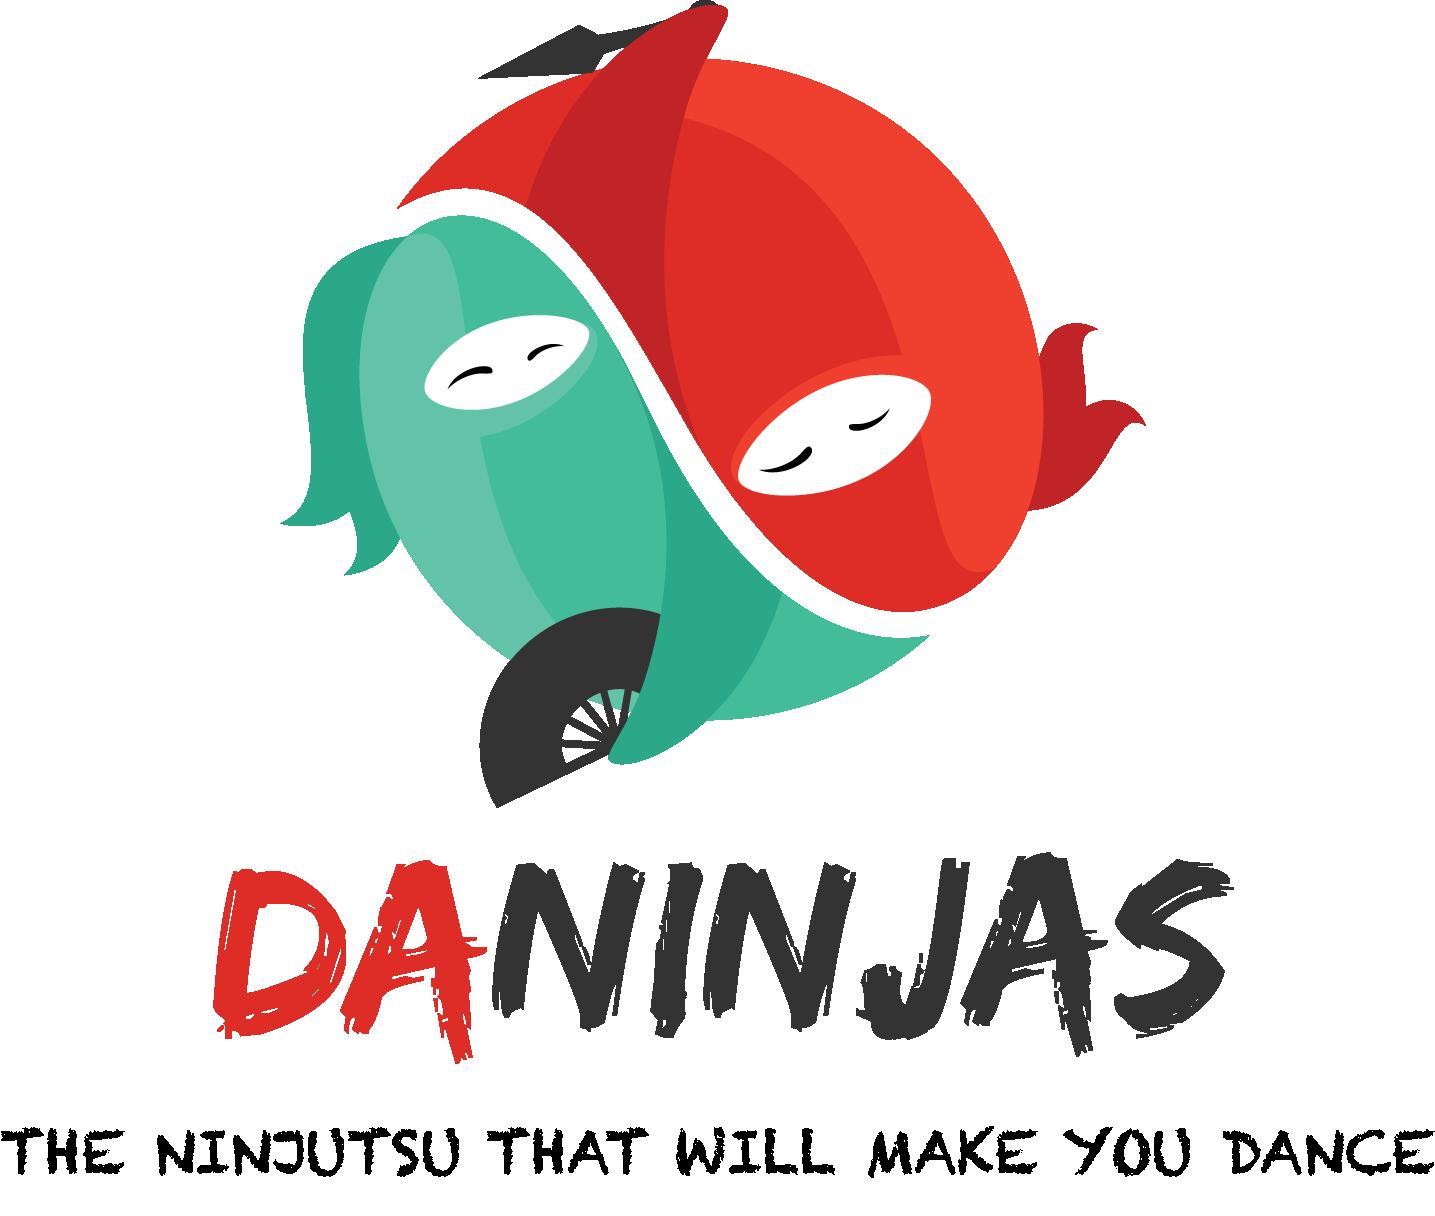 DANINJAS